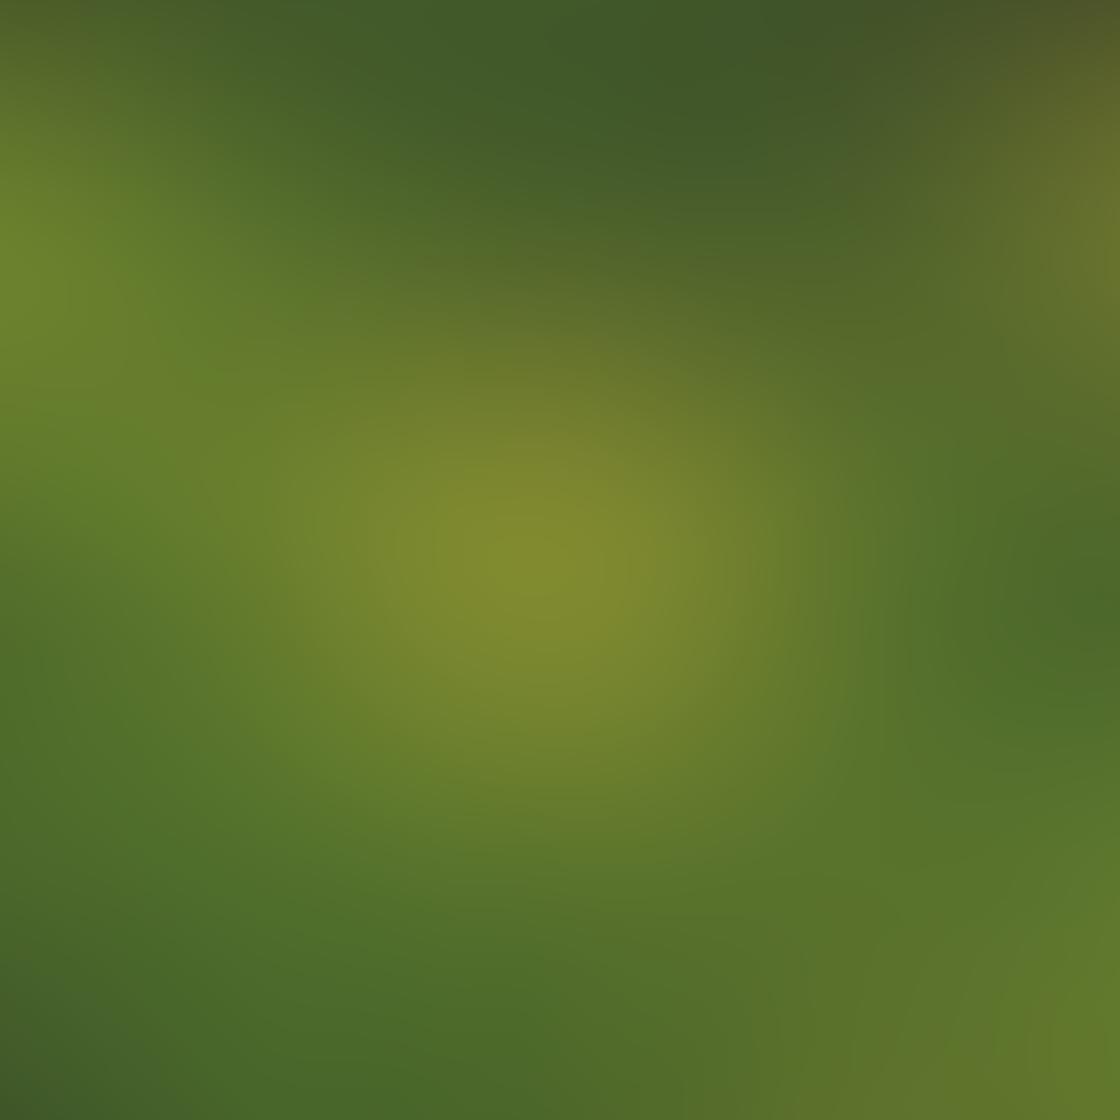 Green iPhone Photos 7